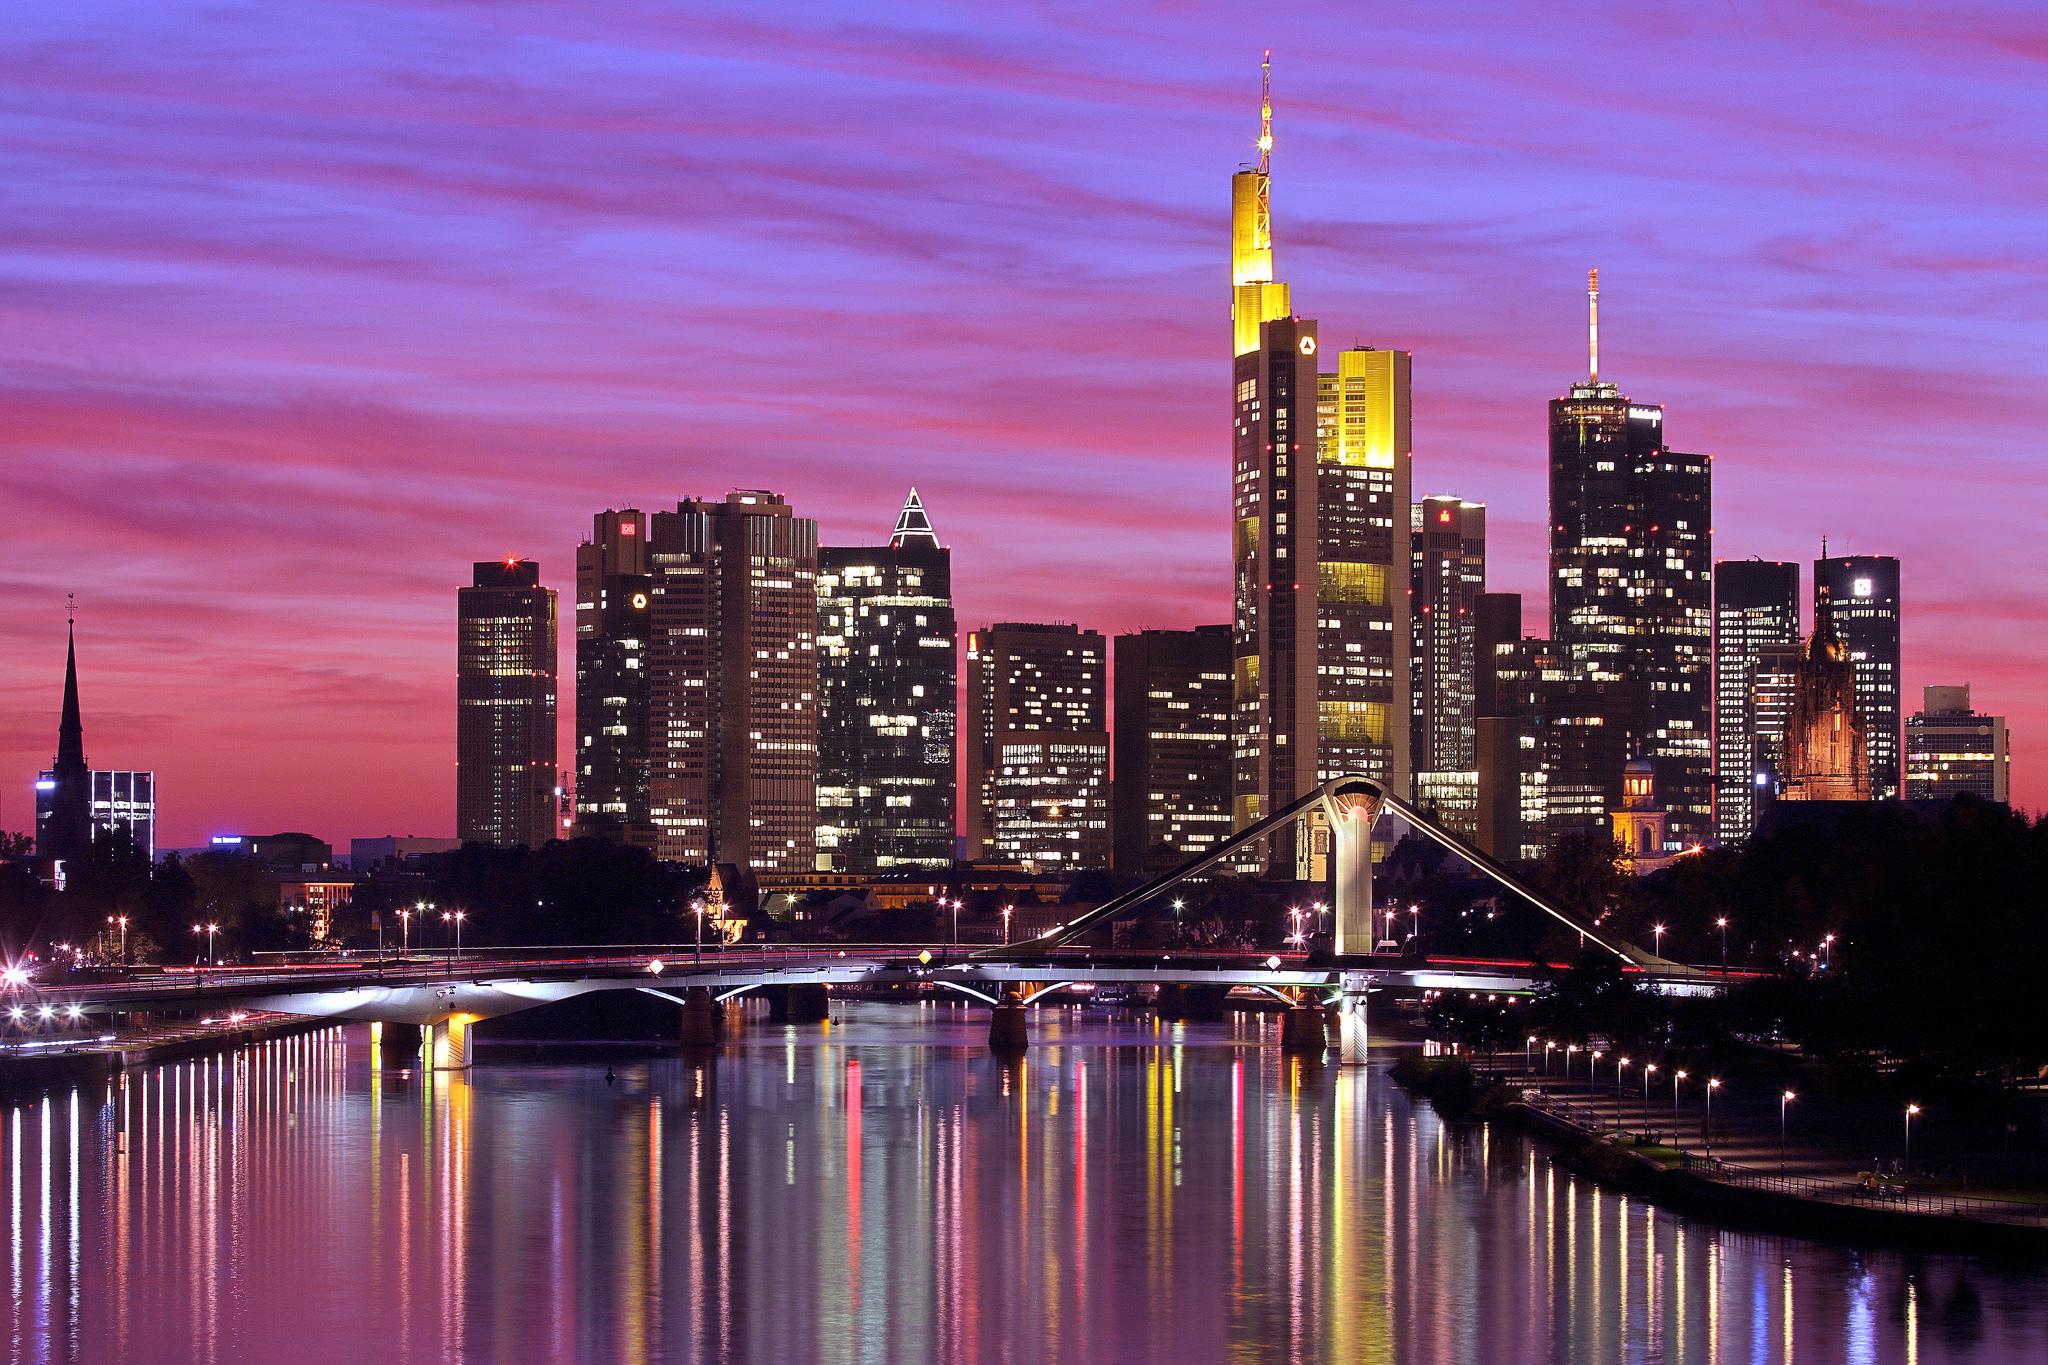 небоскреб отражение огни вечер город скачать